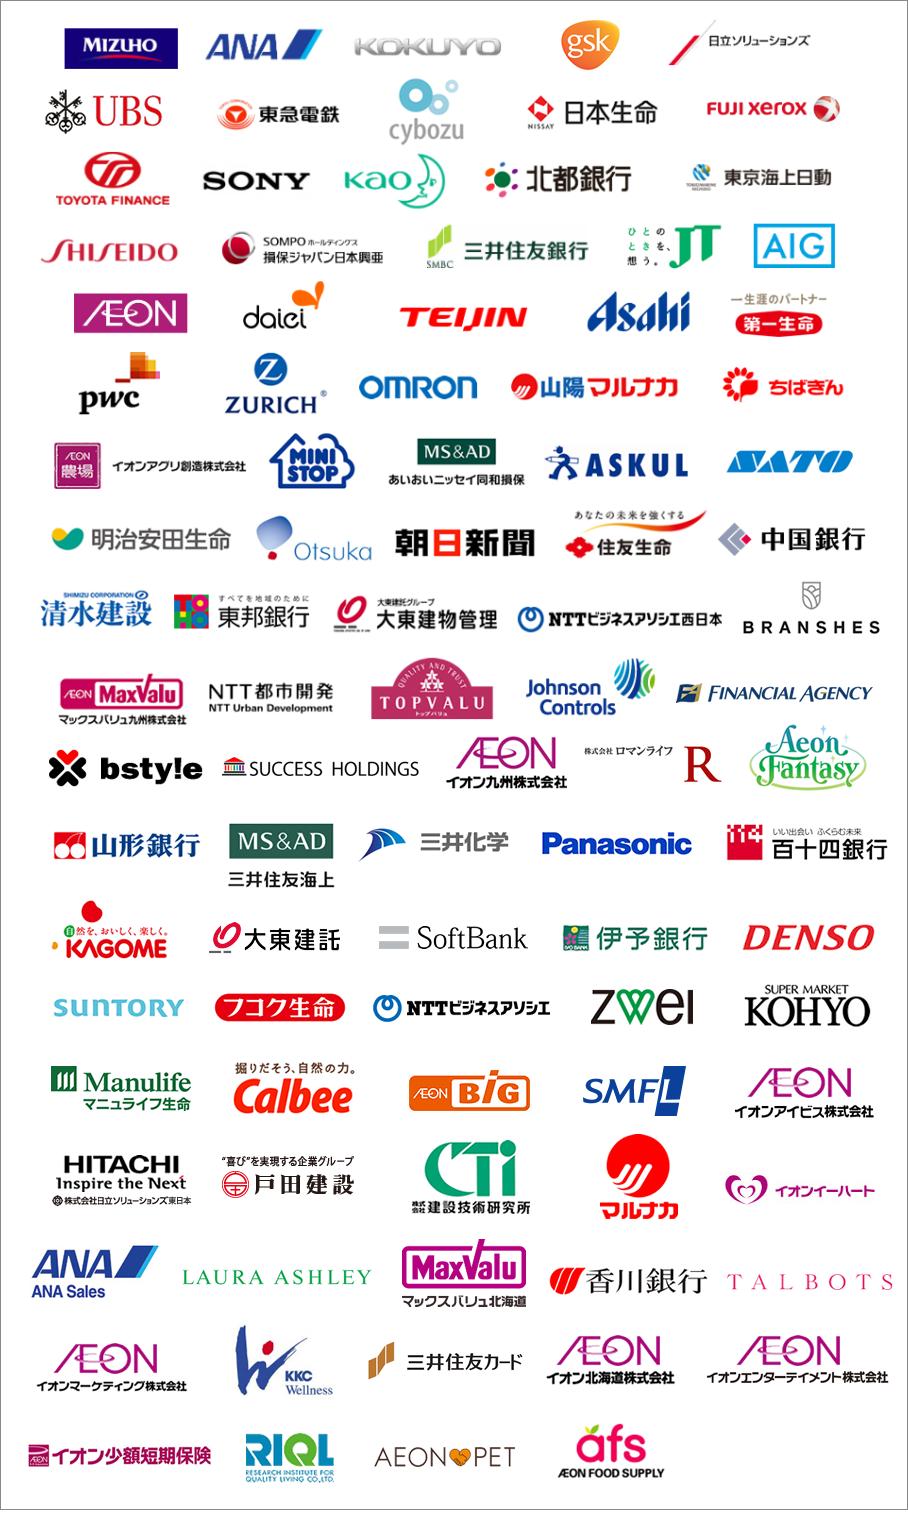 【企業同盟】イオンフードサプライ(株) が「イクボス企業同盟」に加盟!